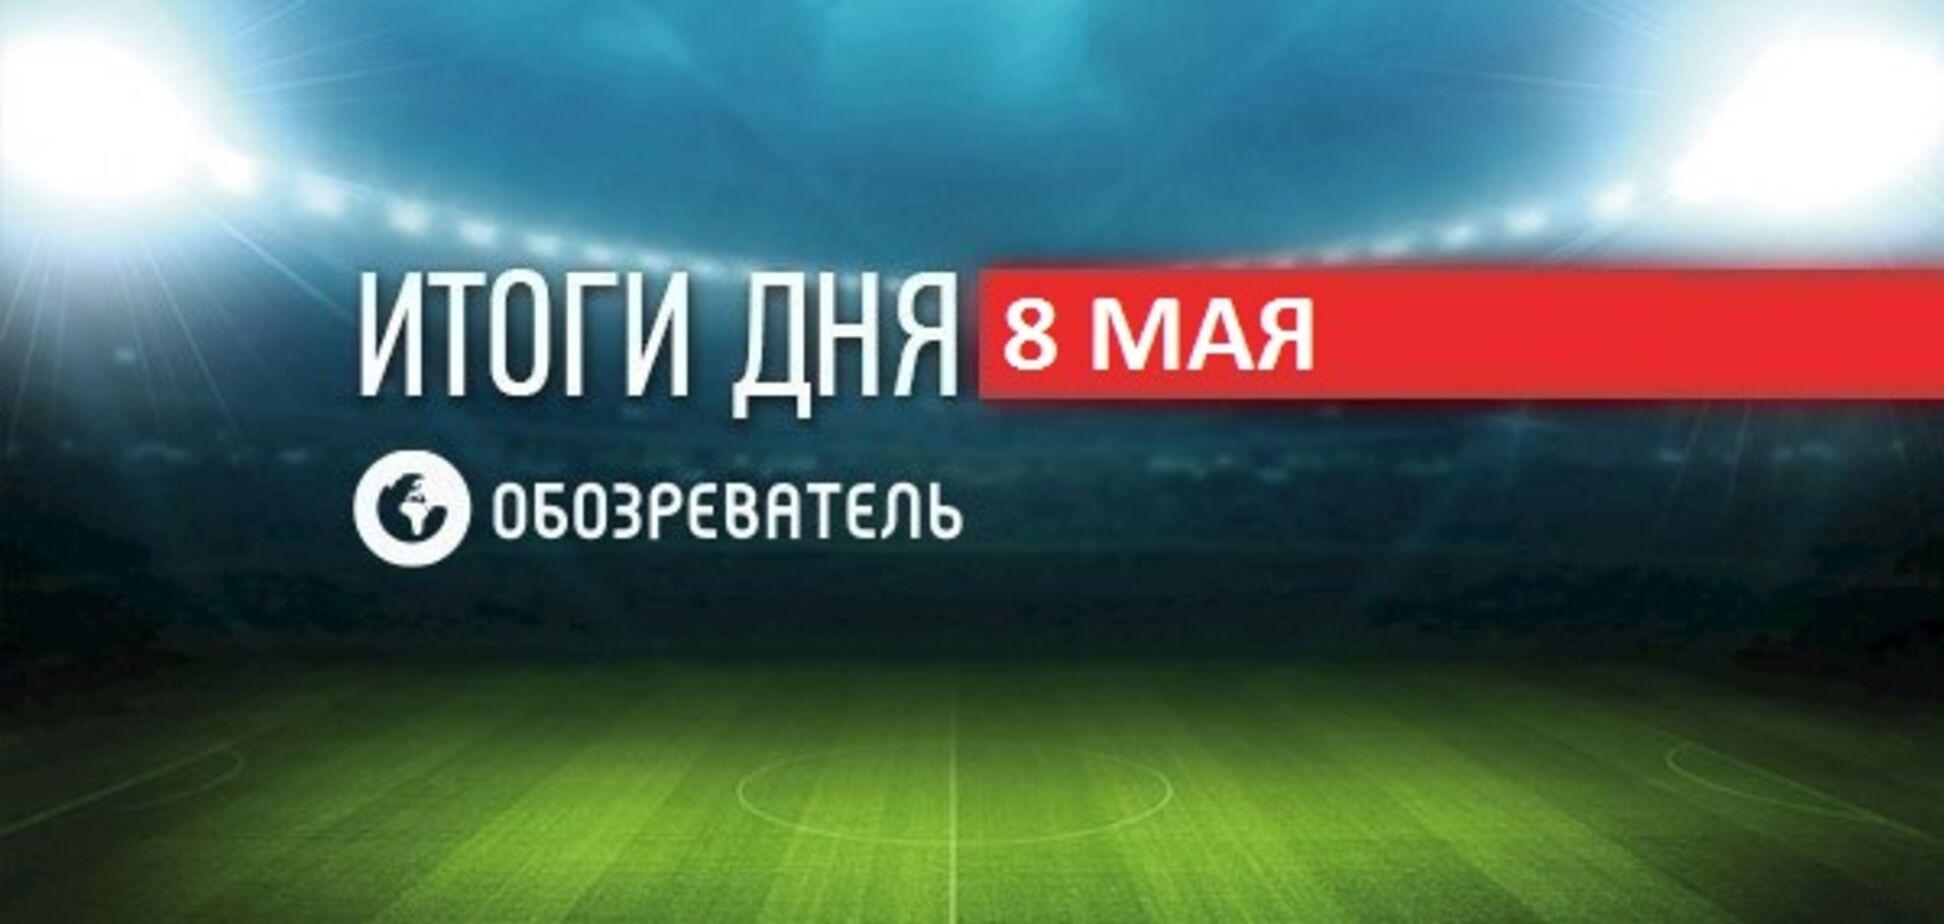 Экс-футболист 'Динамо' устроил шоу в Москве с флагом Украины: спортивные итоги 8 мая